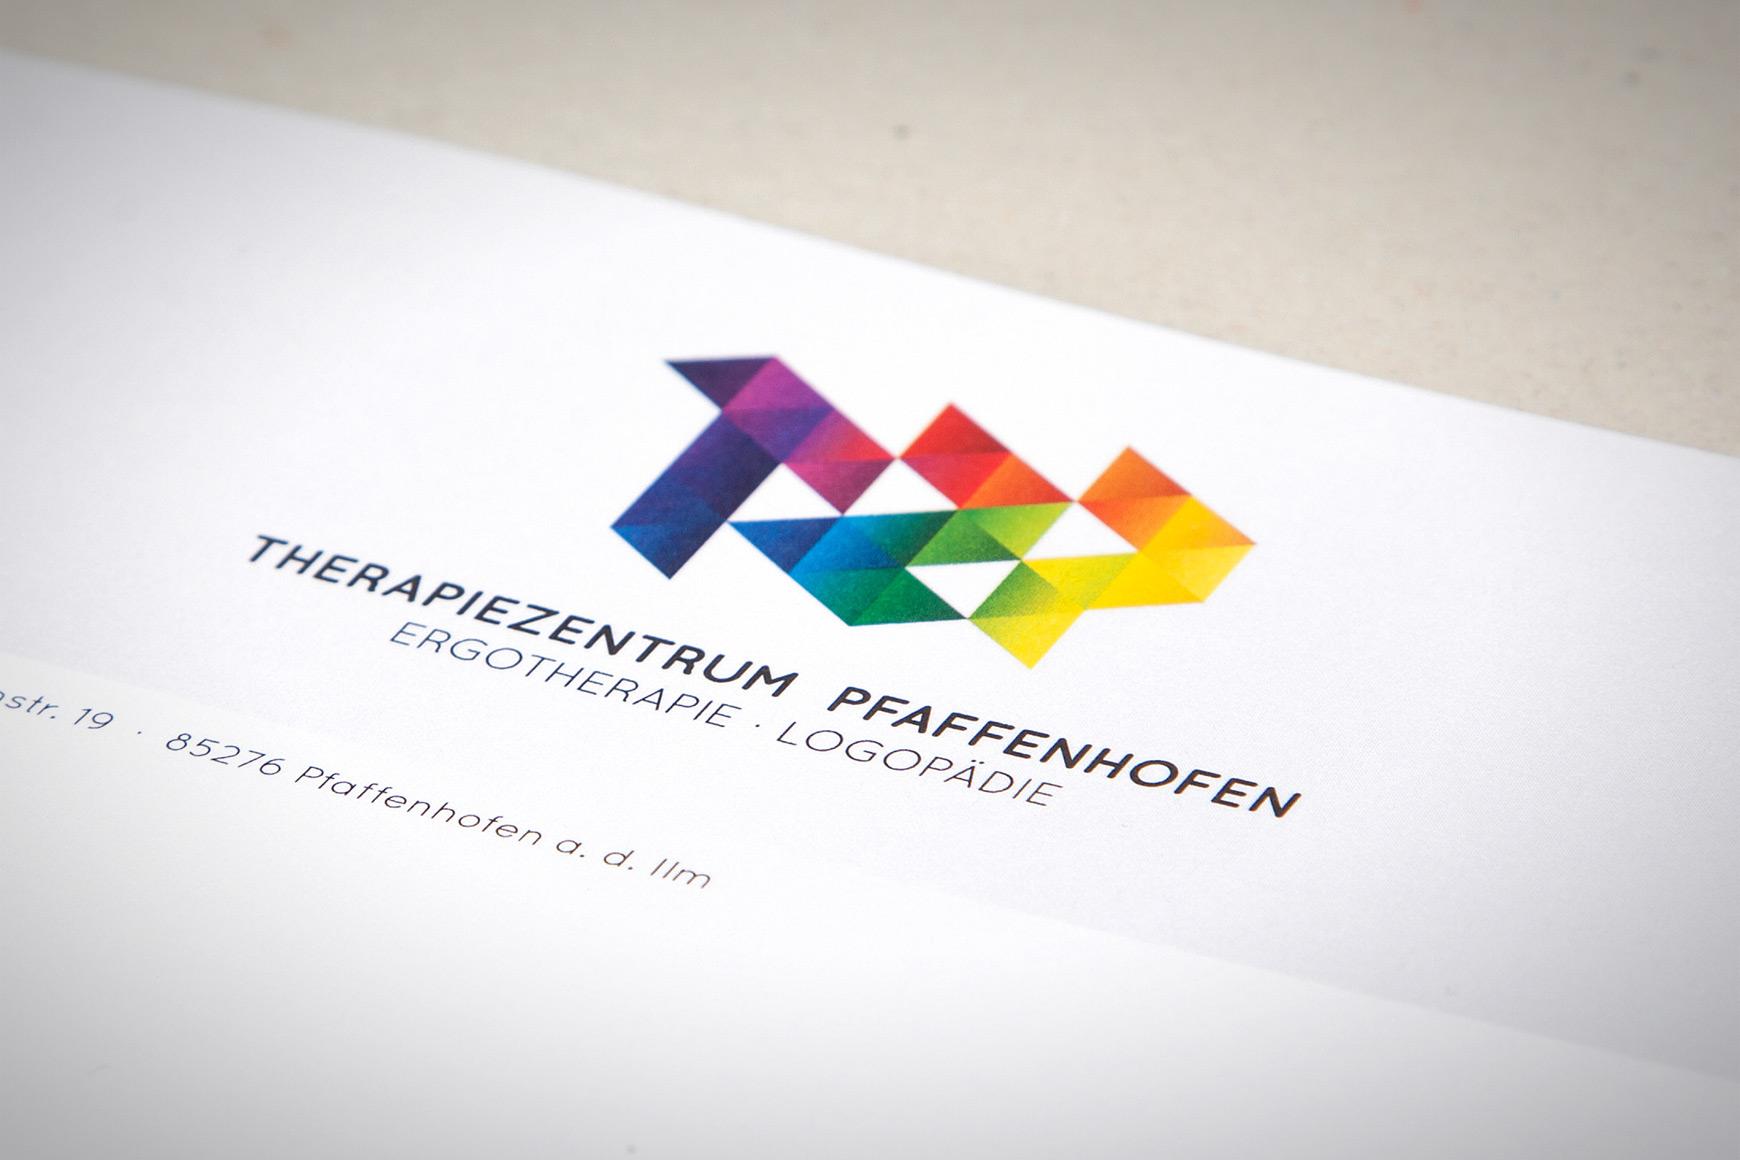 Therapiezentrum Pfaffenhofen Schaufenster